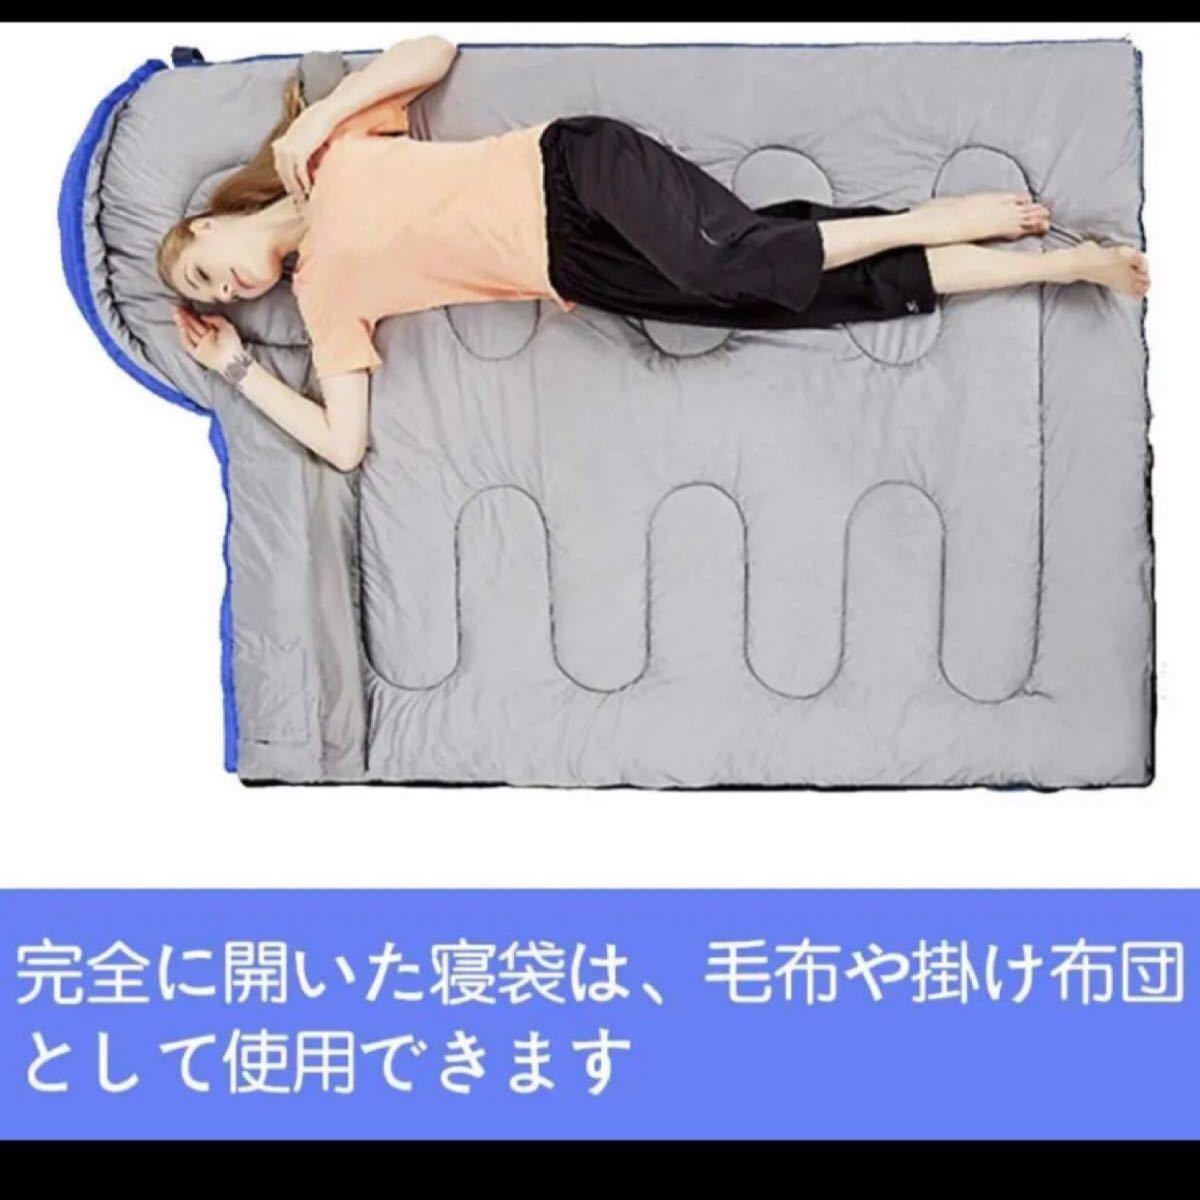 寝袋 封筒型 軽量 保温 210T防水シュラフ コンパクト アウトドア キャンプ 登山 車中泊 防災用 丸洗い可能 快適温度